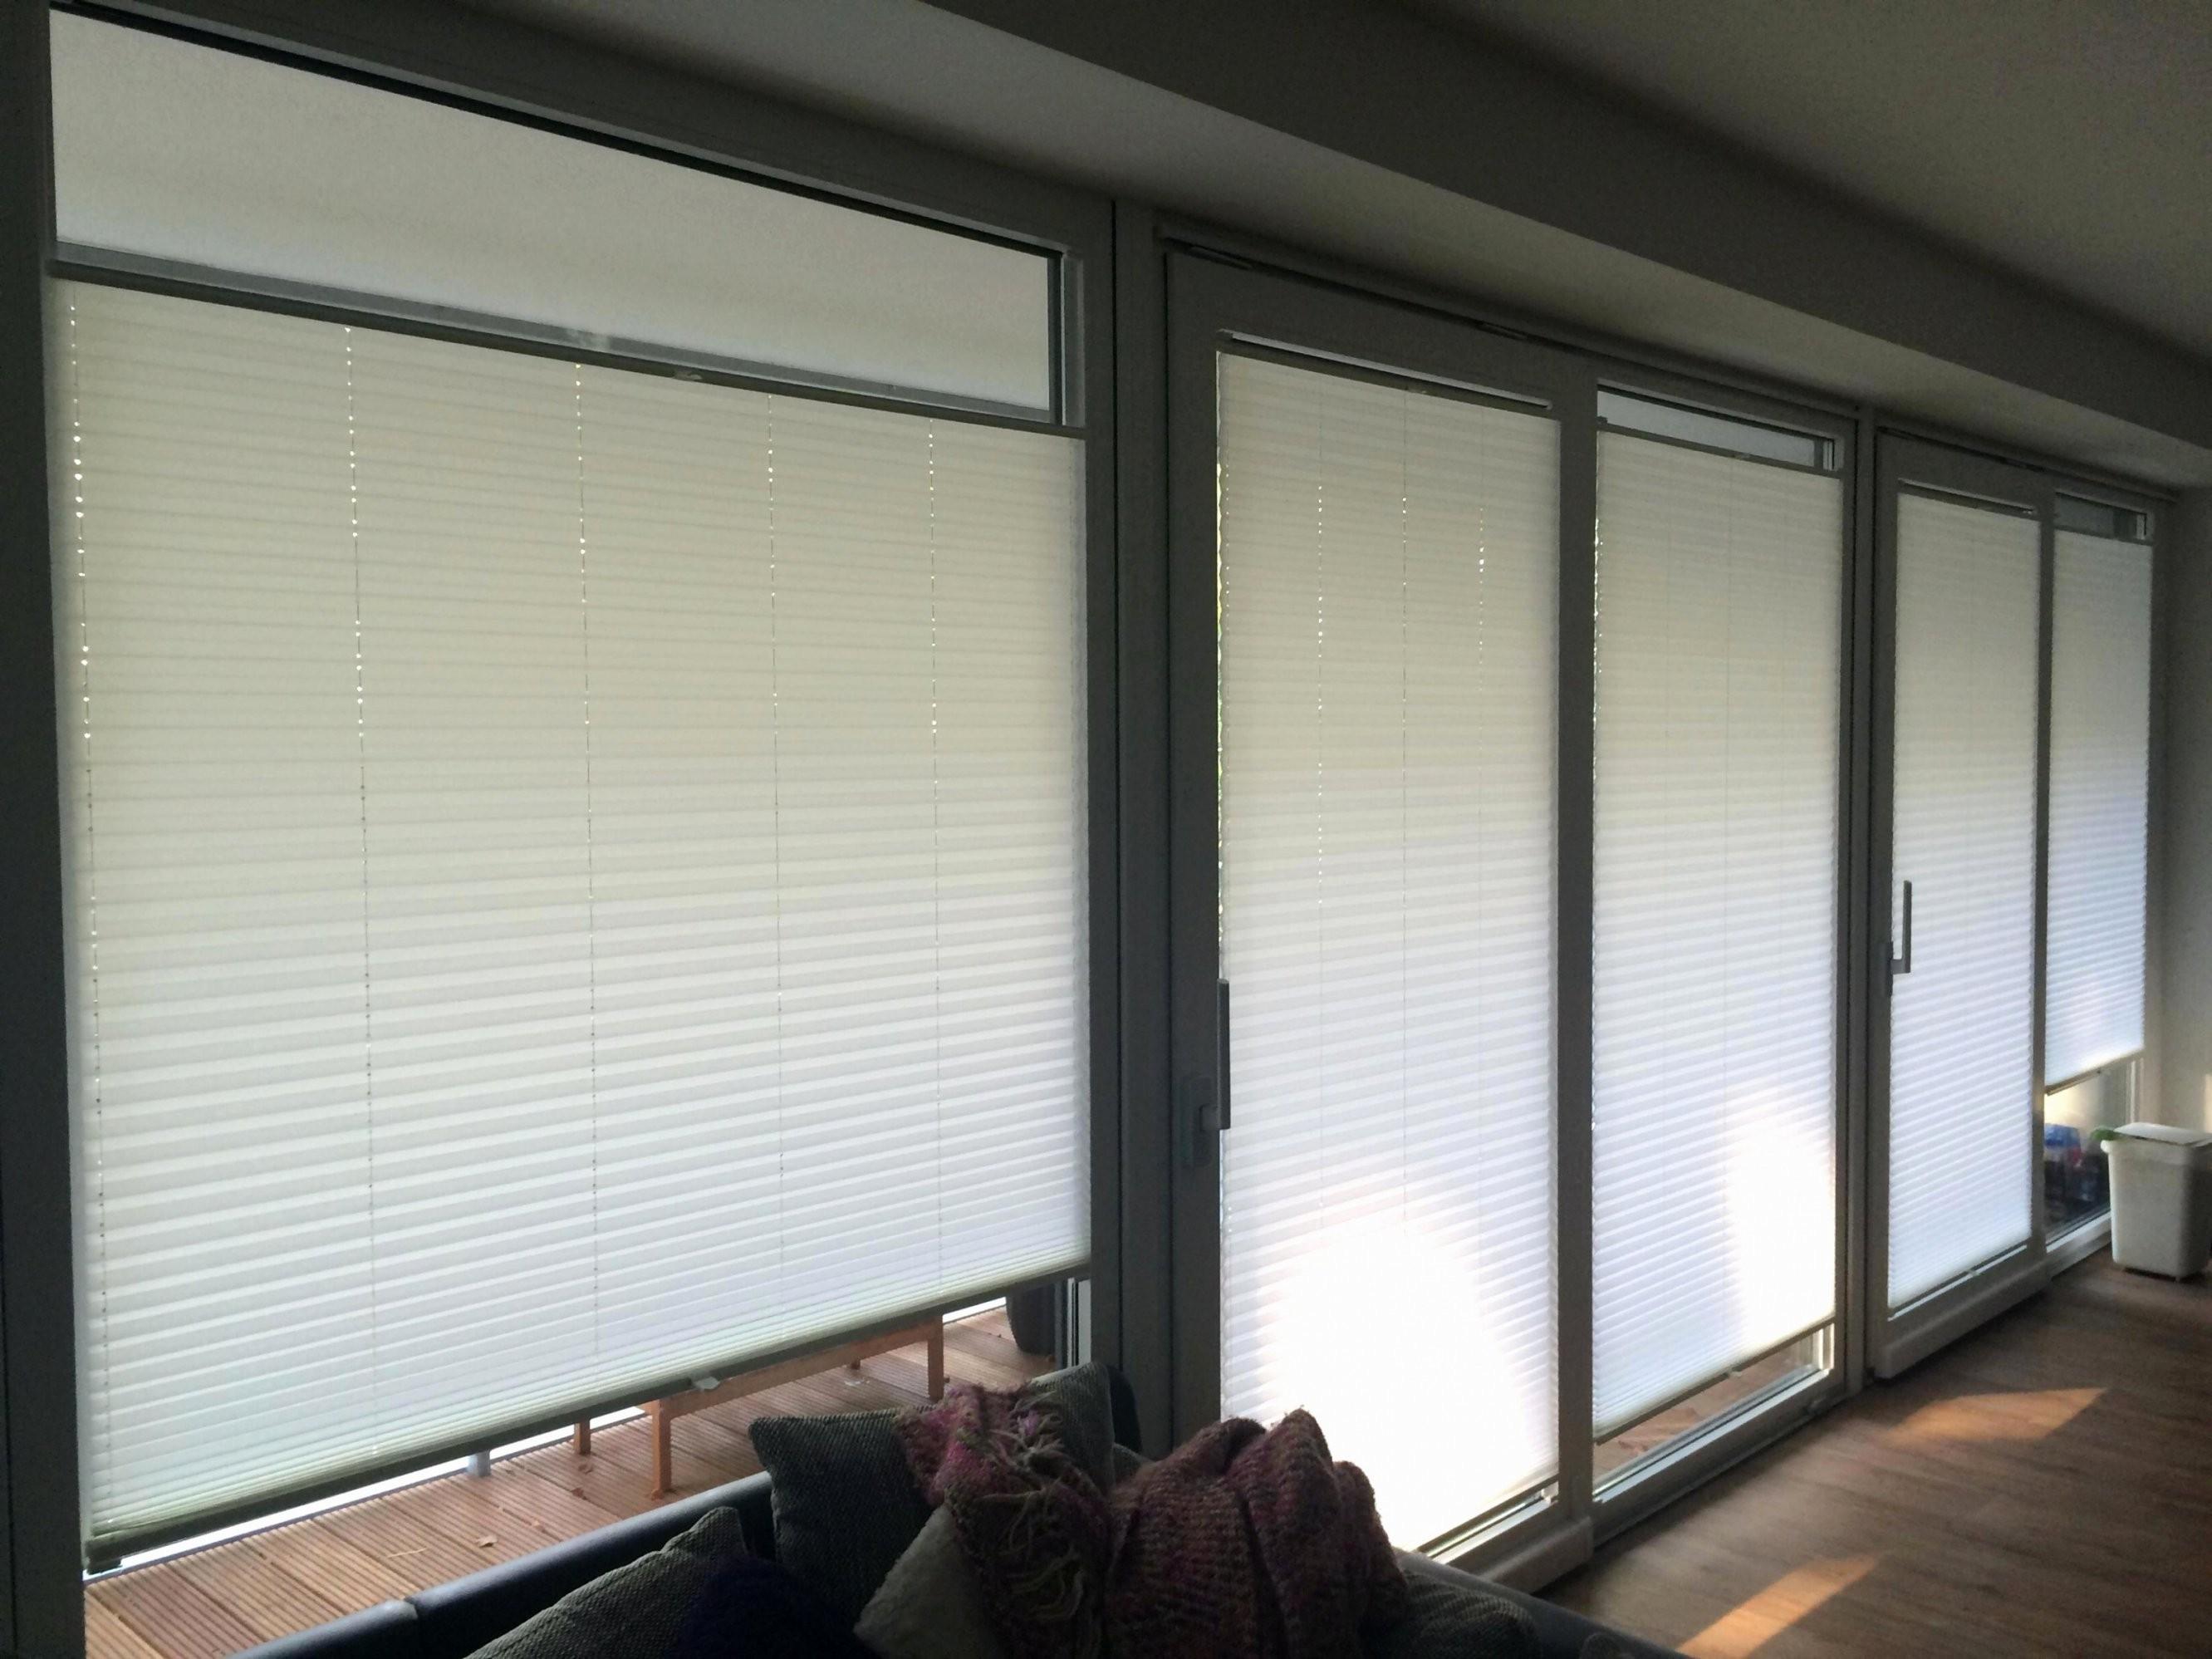 Rollo Innen Fenster In Bezug Schn Terrasse Gardinen Fotofenster With von Jalousien Für Fenster Innen Photo